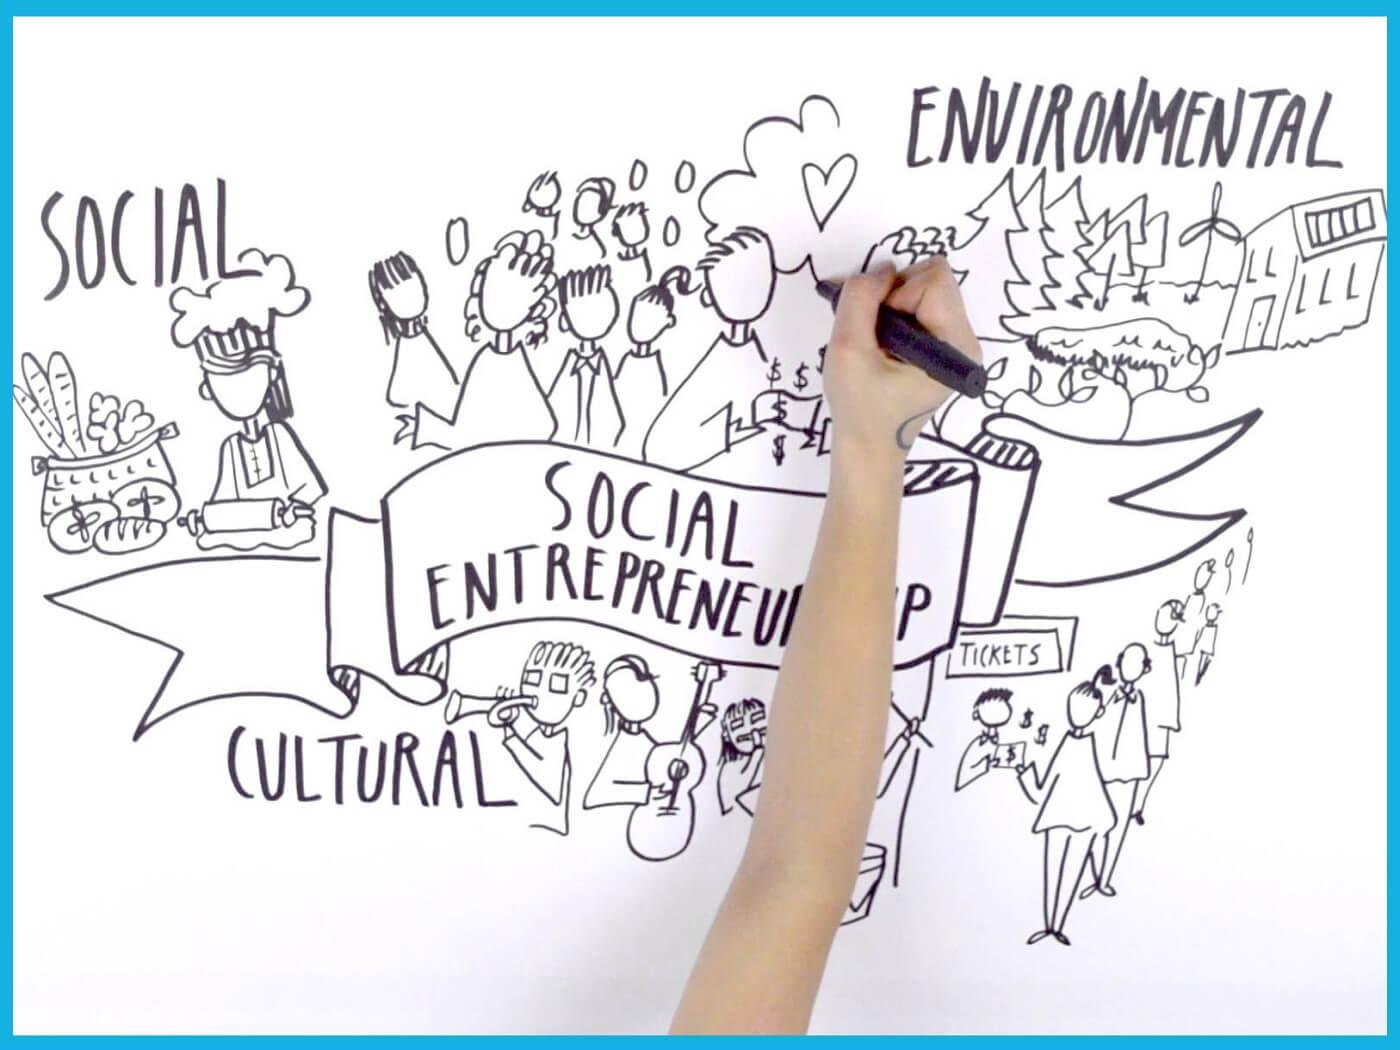 Društveno-poduzetništvo-Jačanje-poslovanja-društvenih-poduzetnika - Faza I.